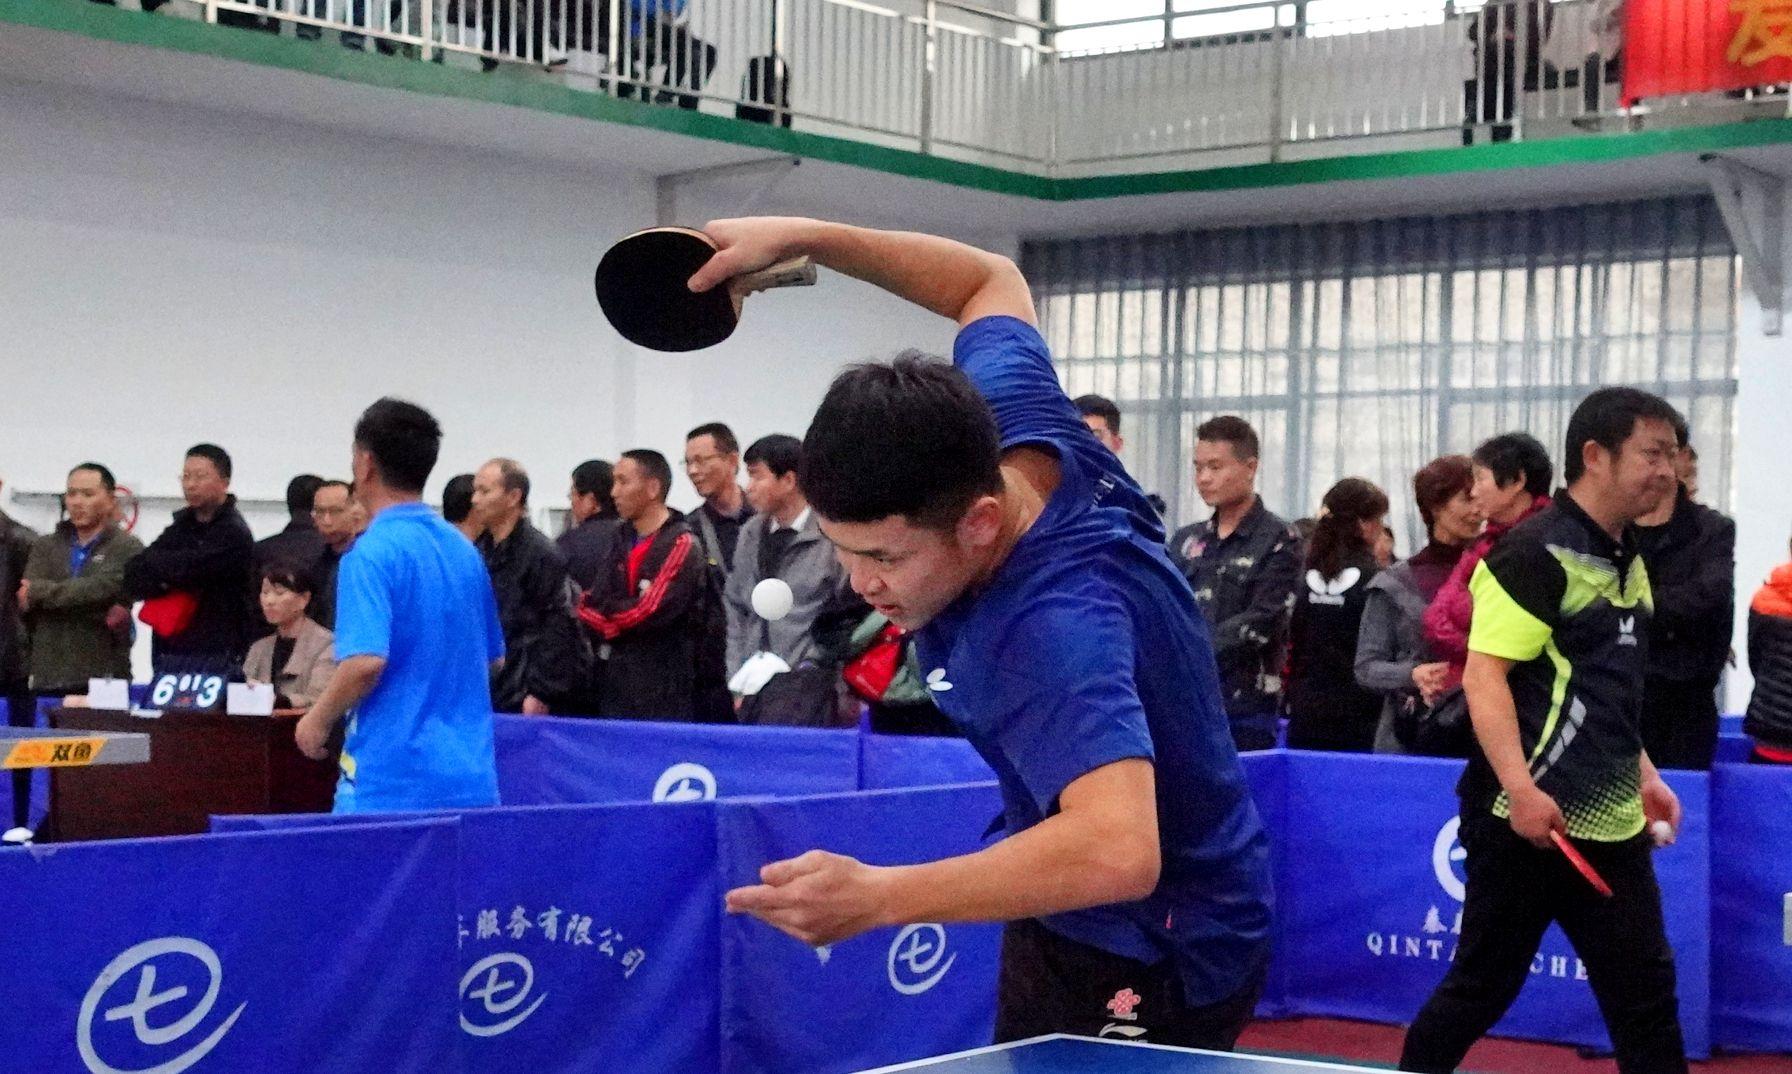 2020年魅力秦泰乒羽俱乐部乒乓球周年庆典赛精彩瞬间